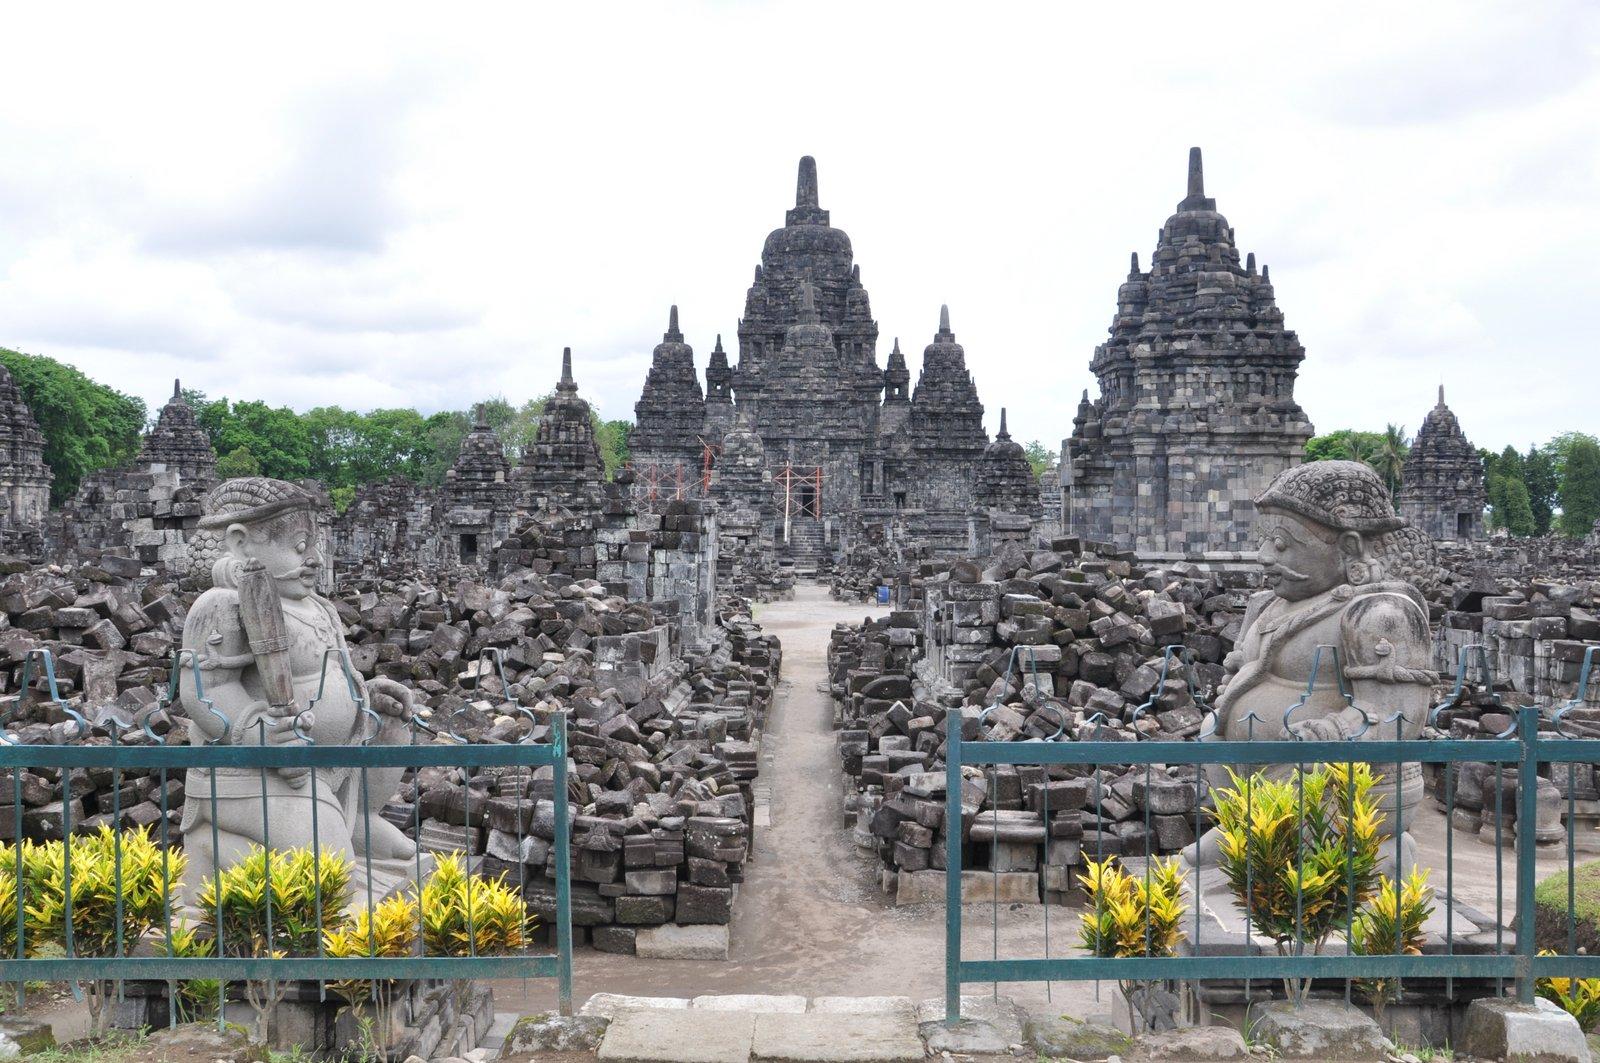 Le temple de Sewu, situé dans l'enceinte de Prambanan